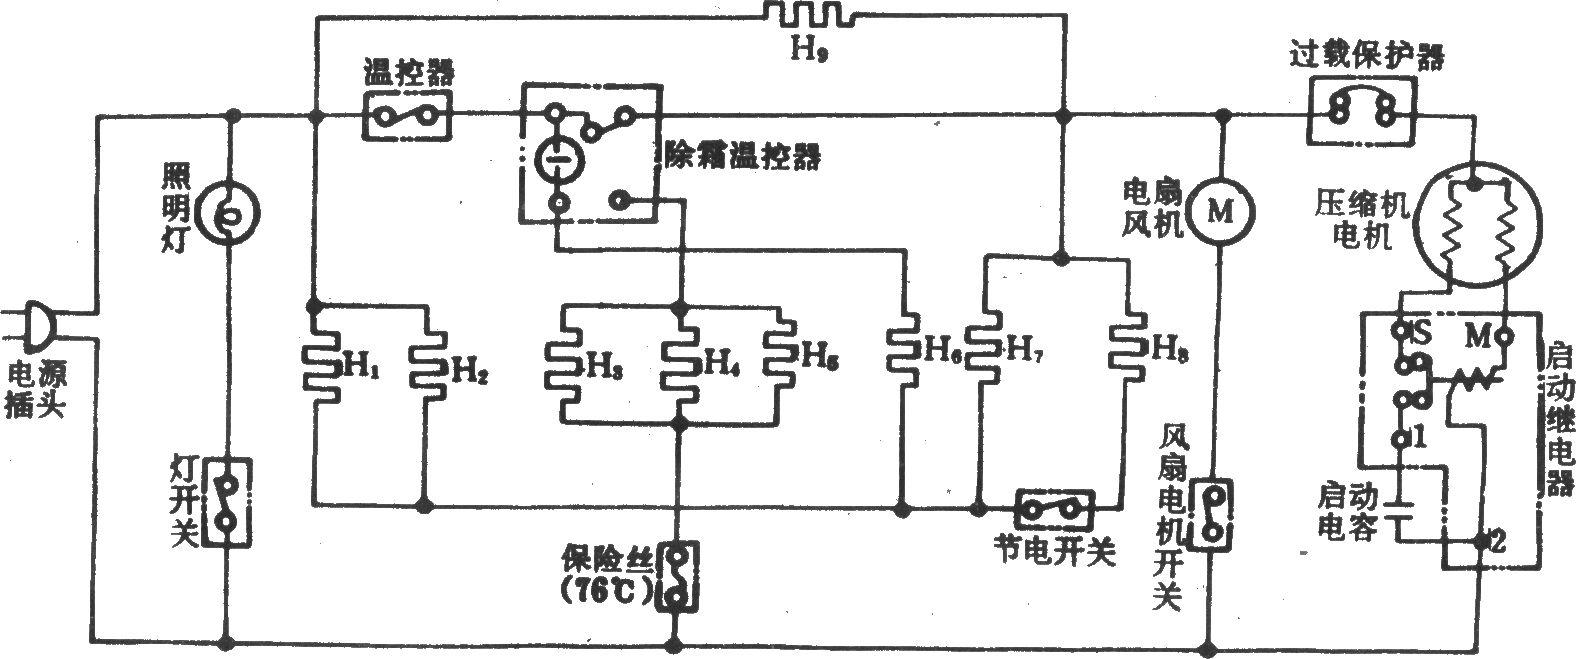 日立r-197h问冷式电冰箱-电路图-aet-北大中文核心-最